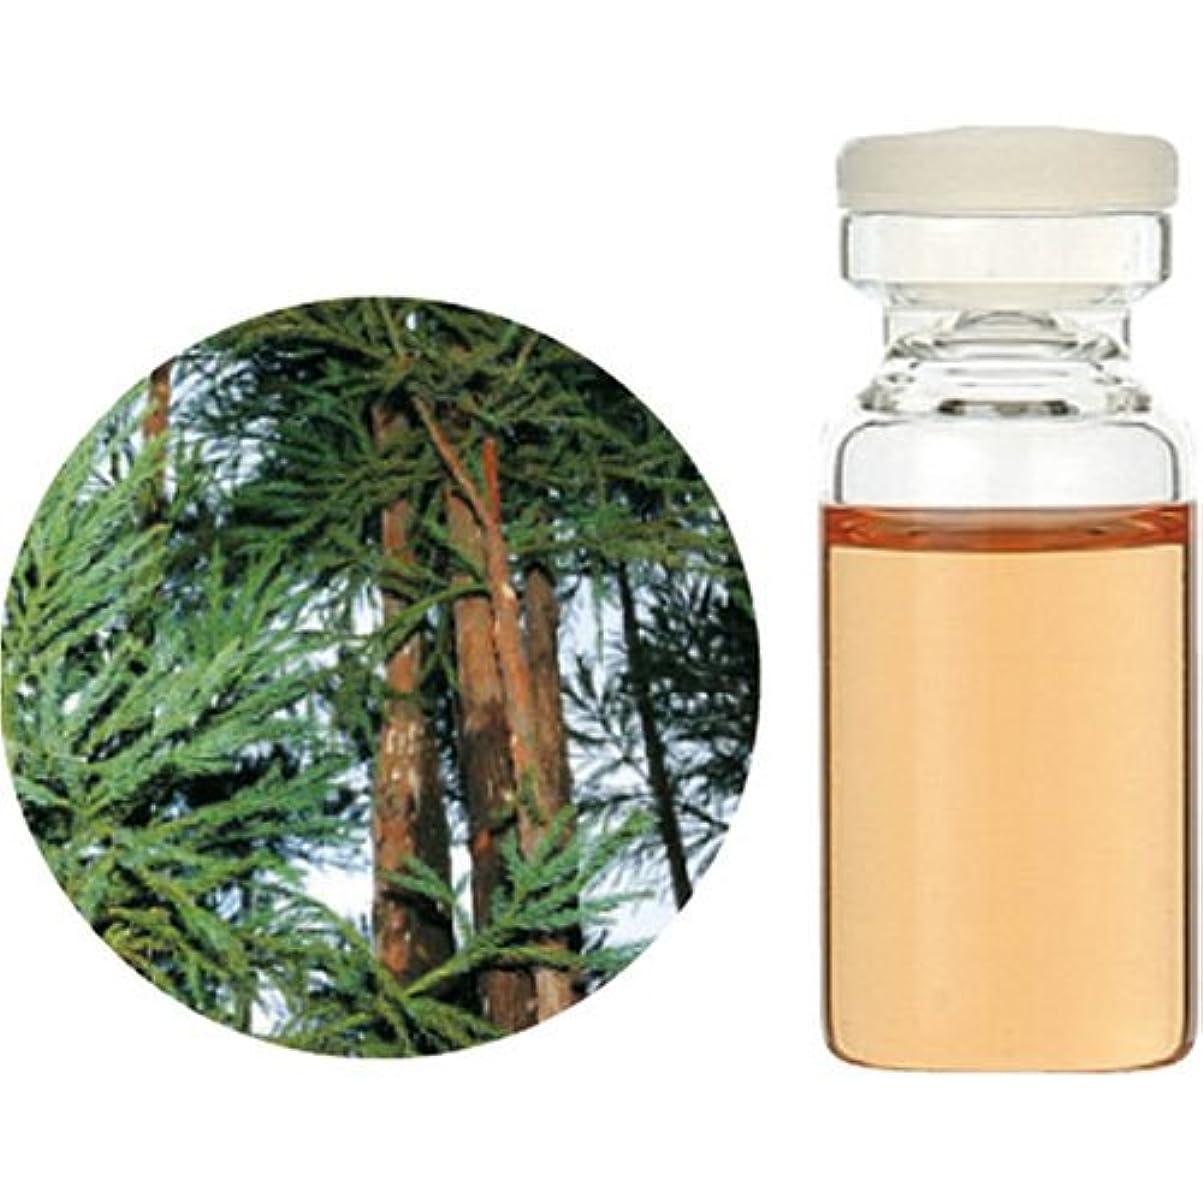 未使用祖母コンテンツ生活の木 C 和精油 杉 (木部) エッセンシャルオイル 10ml